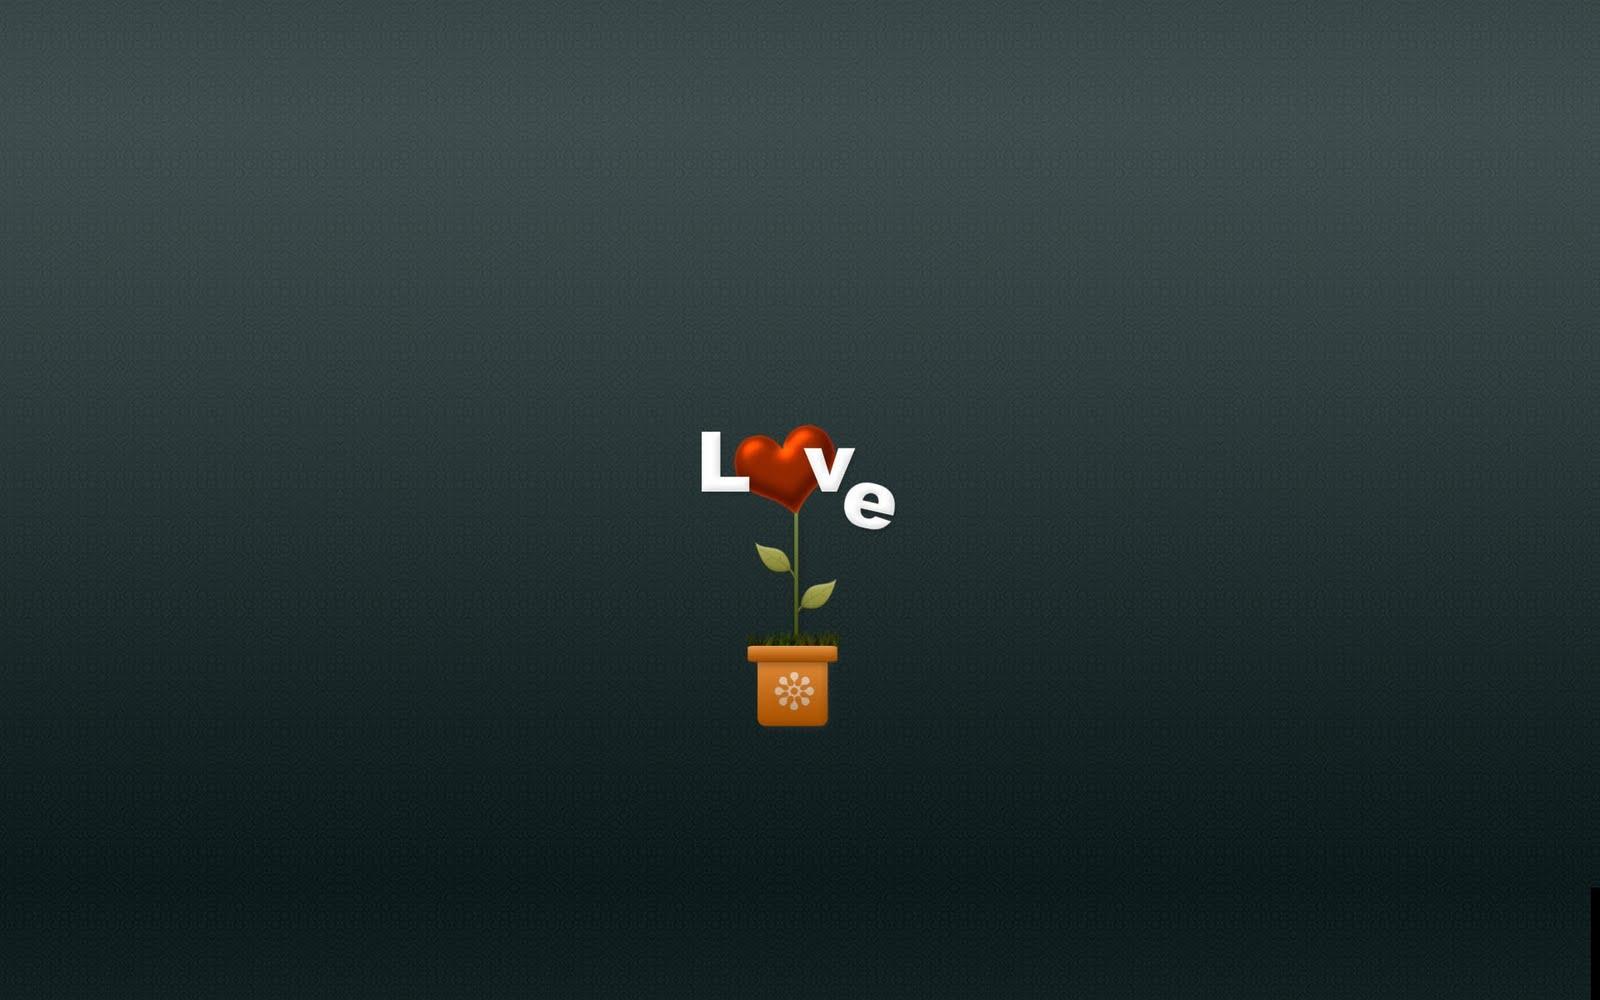 Videos De Amor: 8 Wallpapers Para El 14 De Febrero (Imágenes De Amor